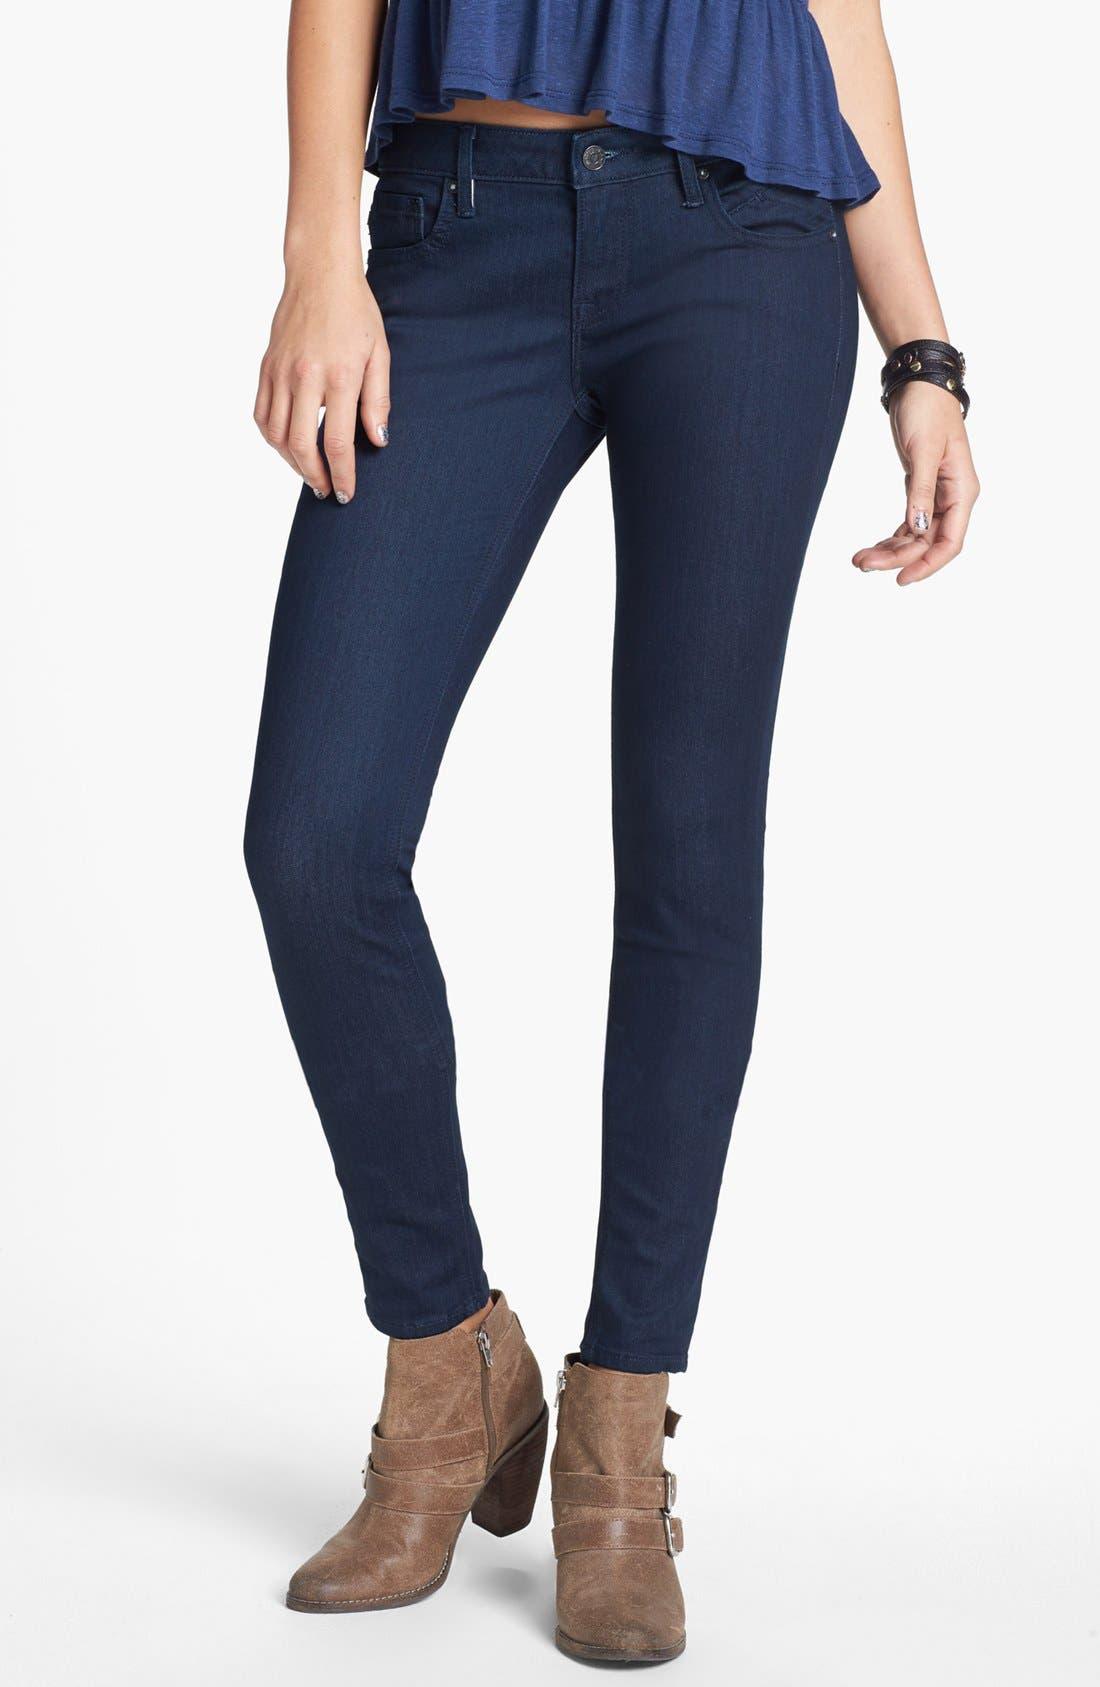 Main Image - Vigoss 'Chelsea' V Pocket Skinny Jeans (Dark Wash) (Juniors) (Online Only)